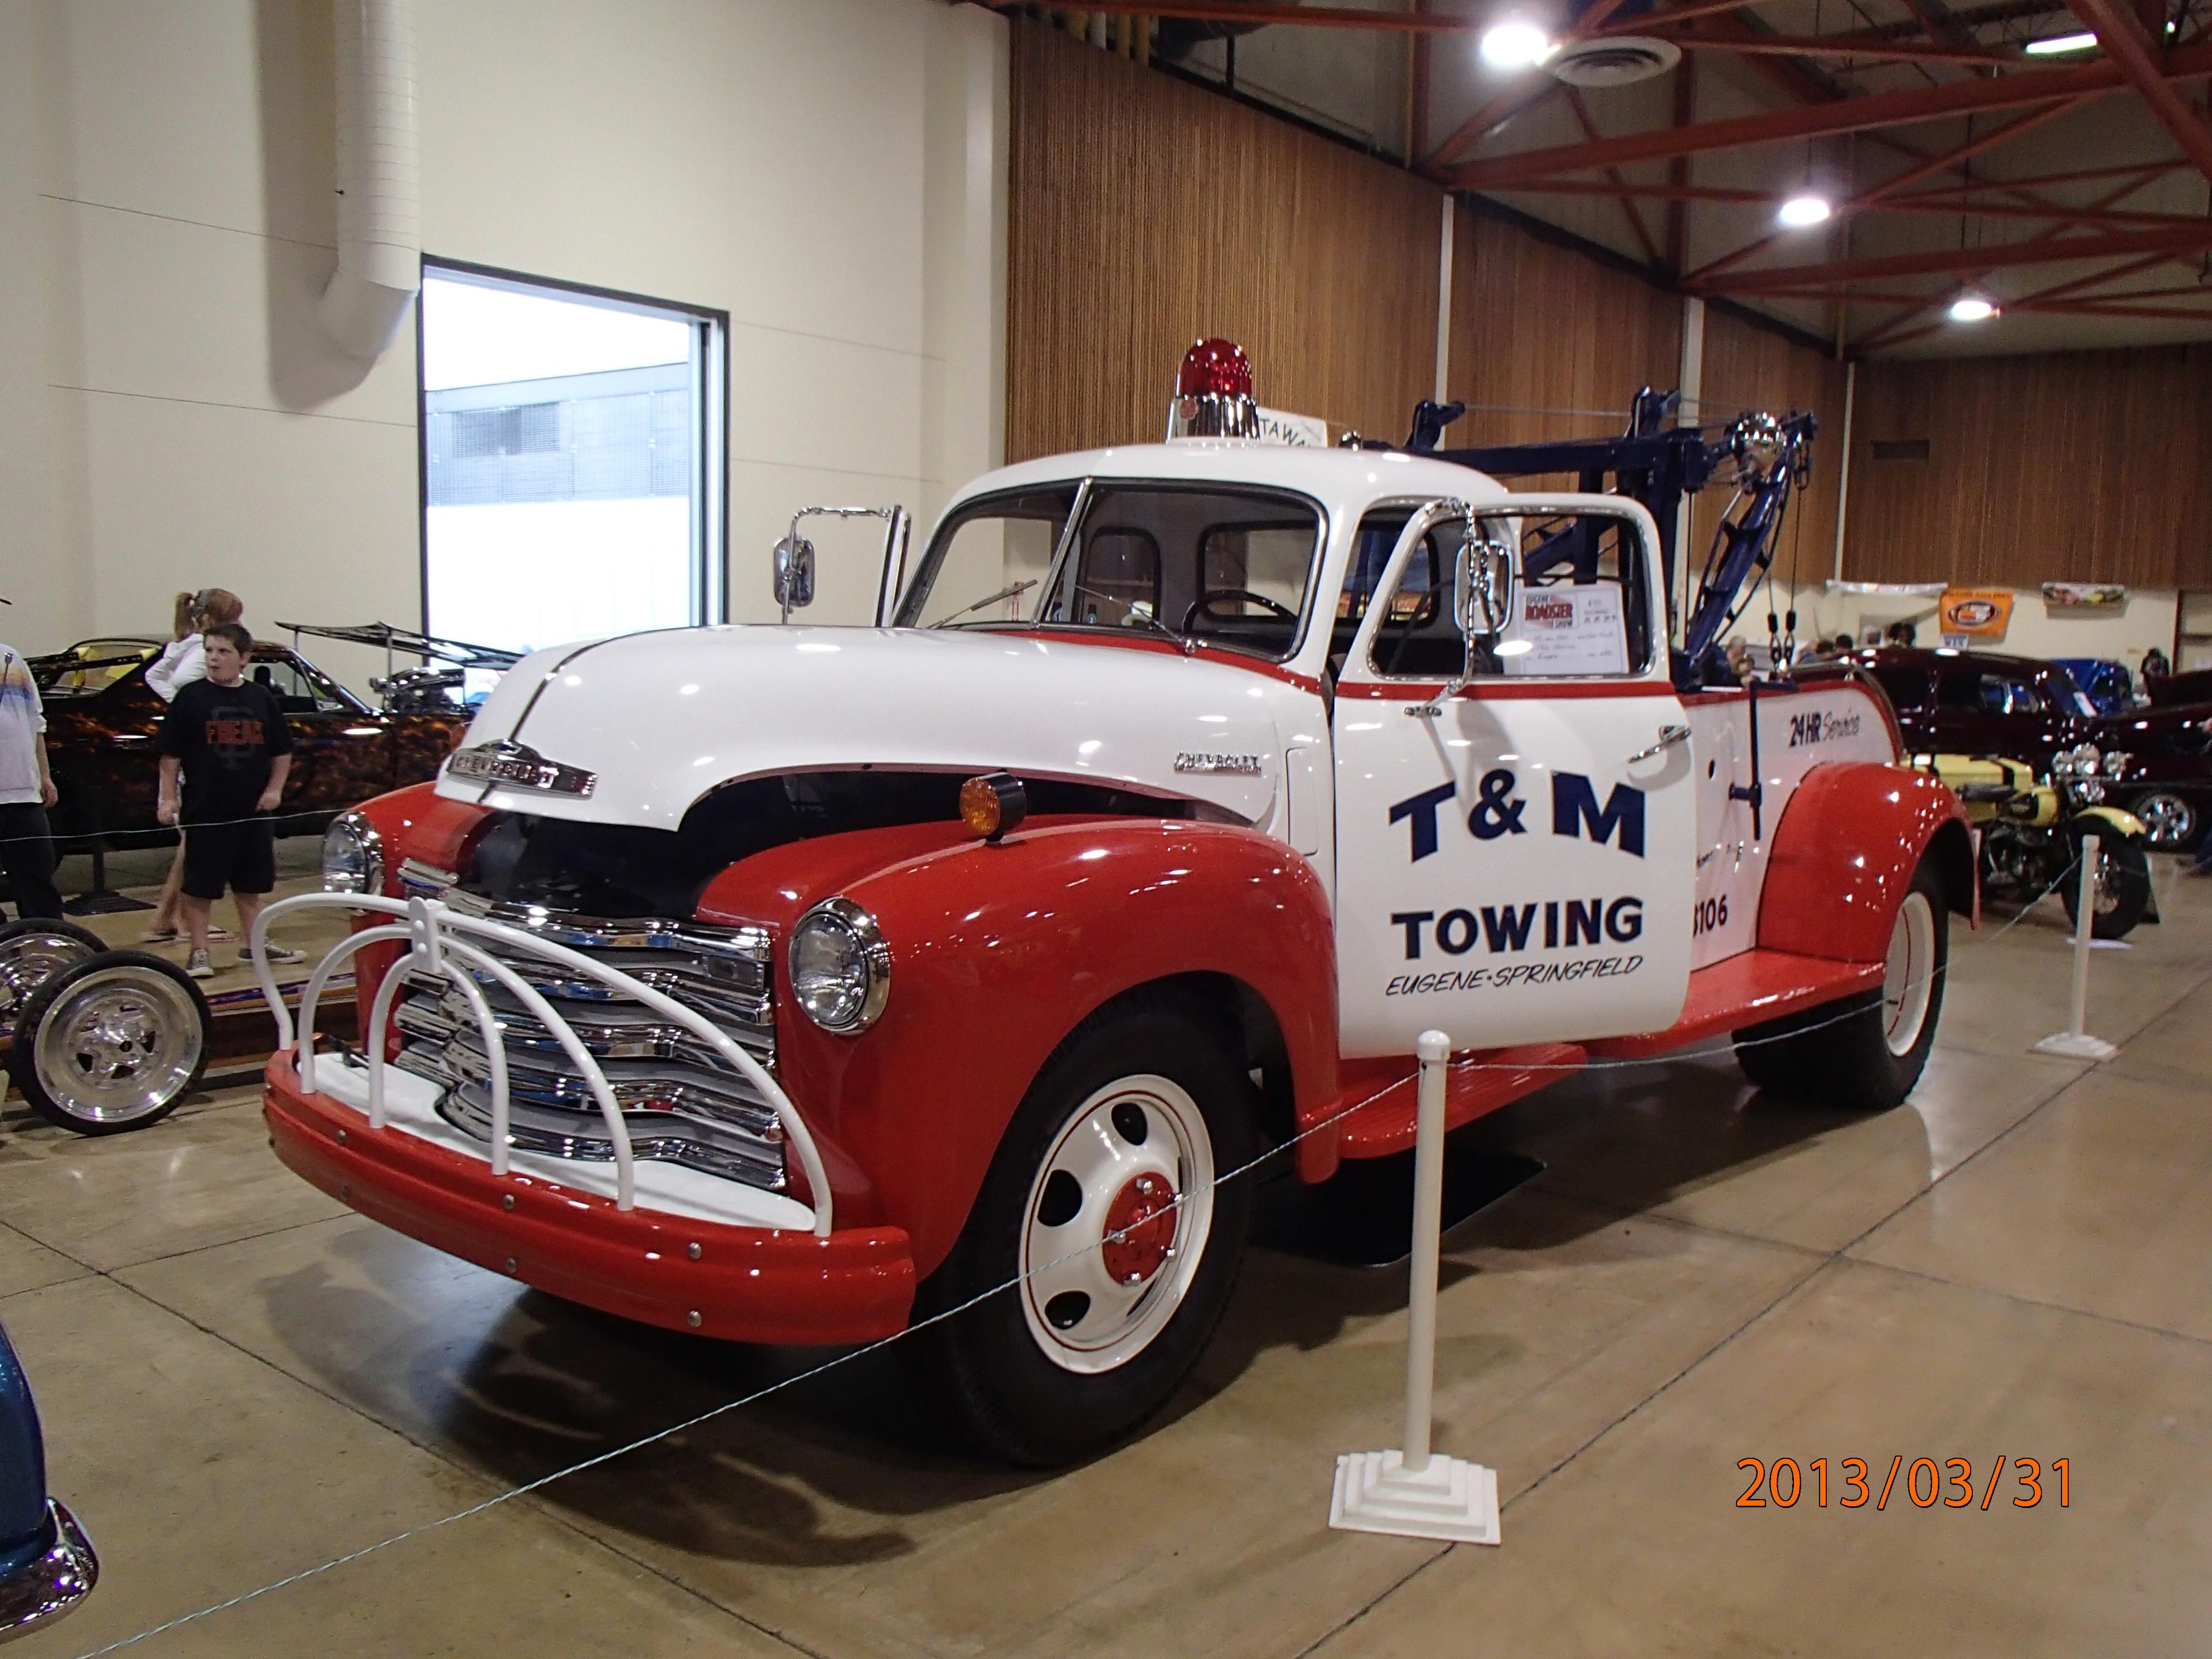 T&M Towing & Hazmat Inc image 6